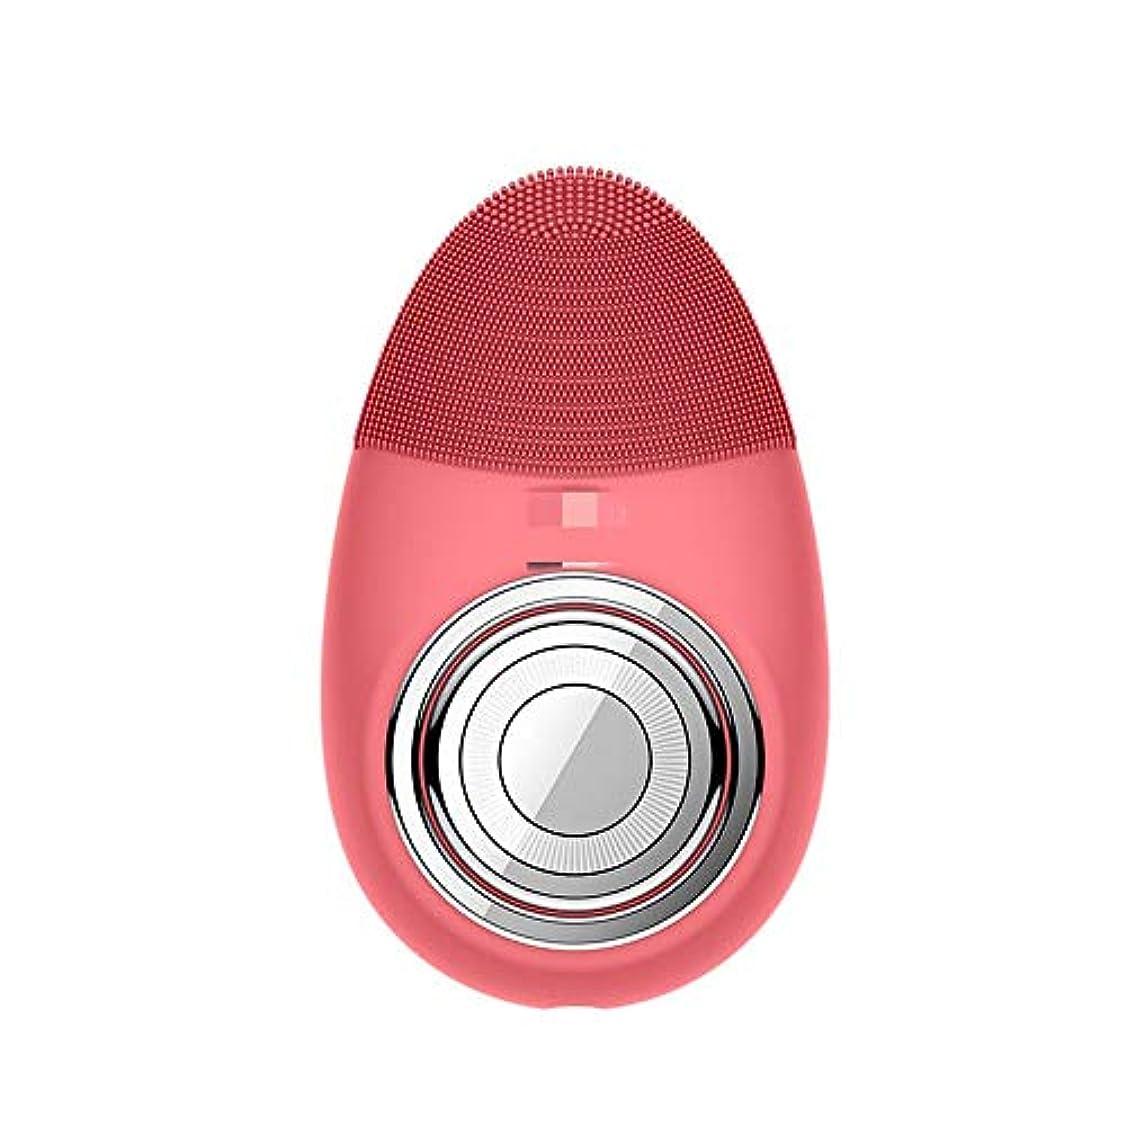 剣クルーズつづりDonghechengkang 多機能電気恒温シリコーンクレンジング楽器赤灯肌清潔毛穴クリーナー輸入機器美容機器 (Color : Red)